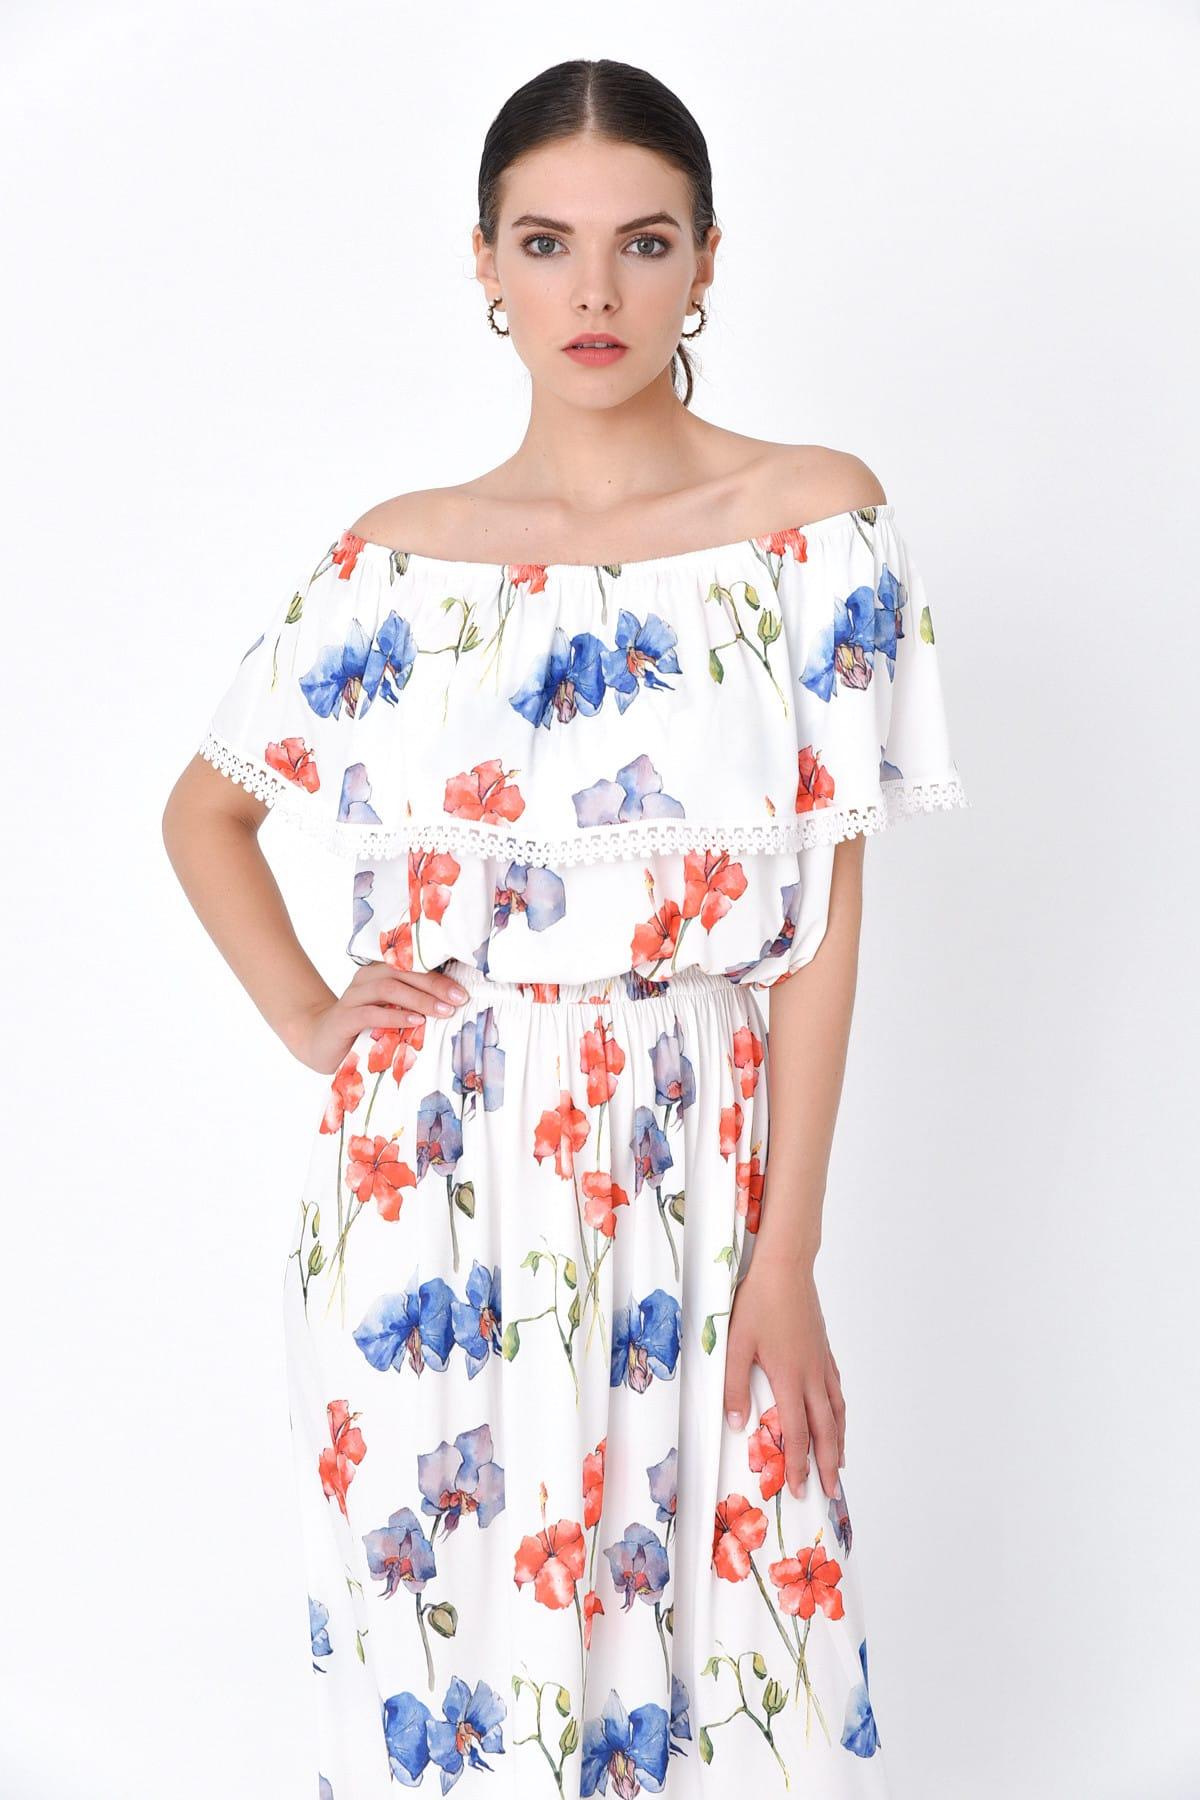 Hanna's by Hanna Darsa Kadın Beyaz Kayık Yaka Belden Lastikli Çiçek Desenli Elbise HN2016 2